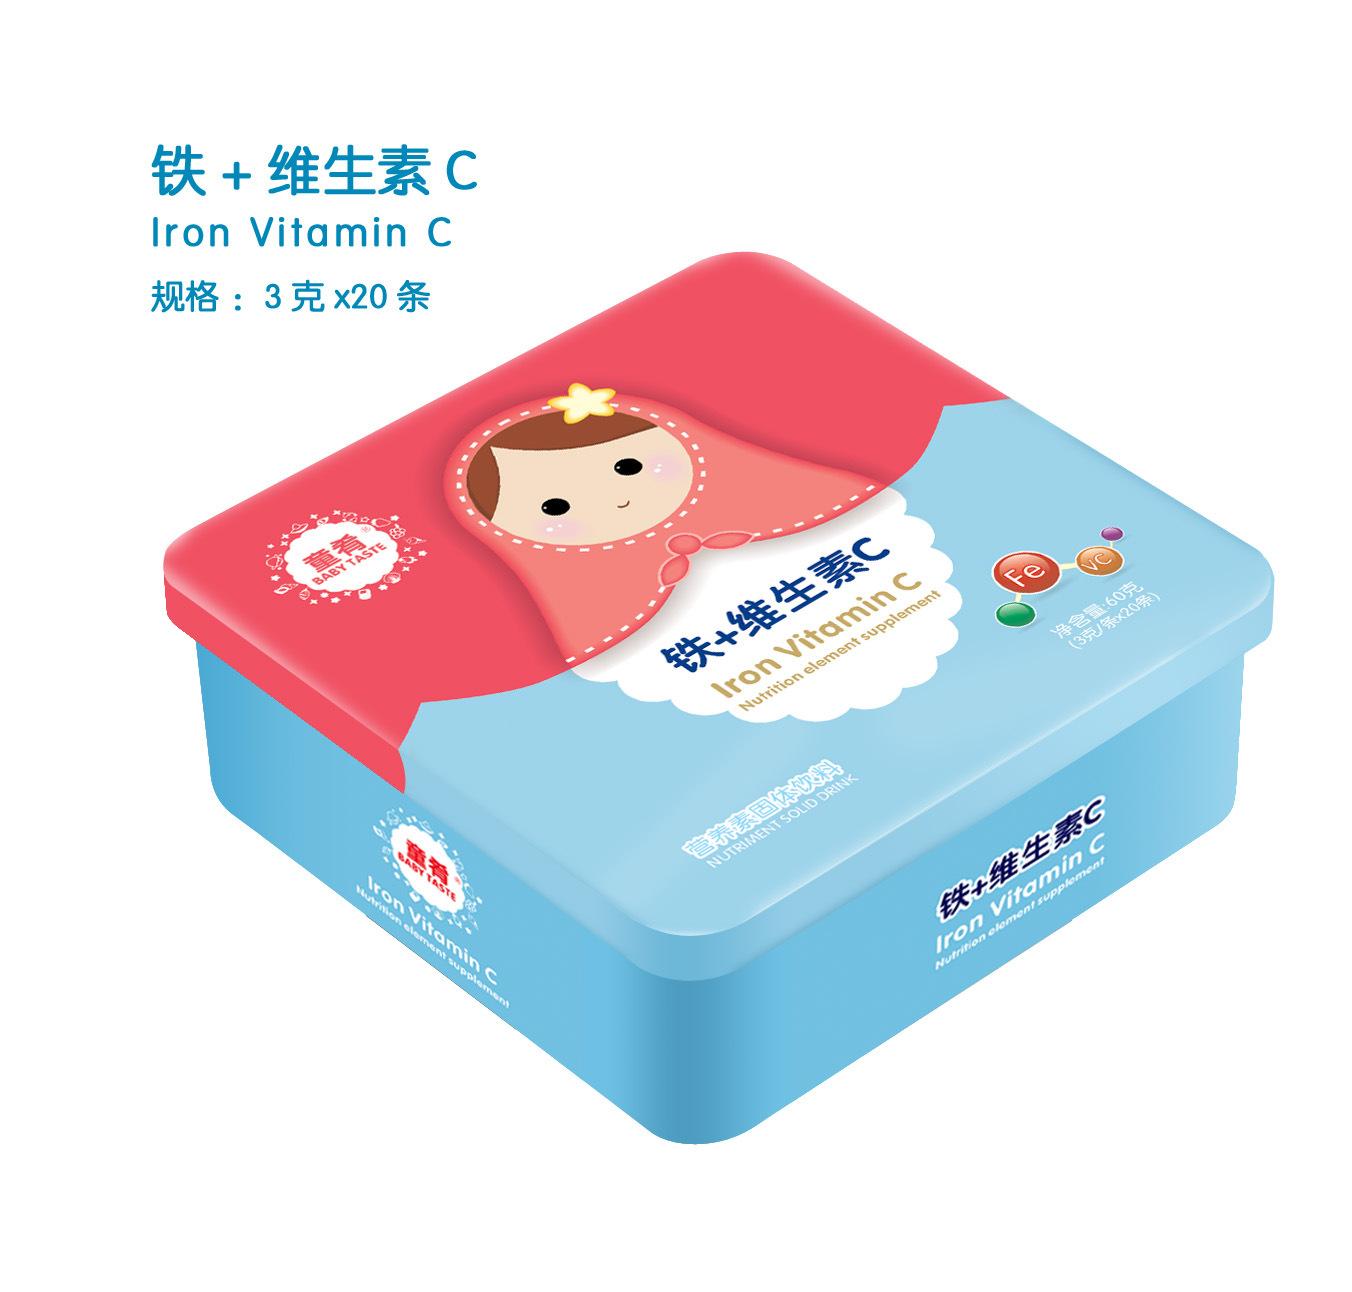 童肴 铁+维生素C营养素,补充钙铁锌维生素系列